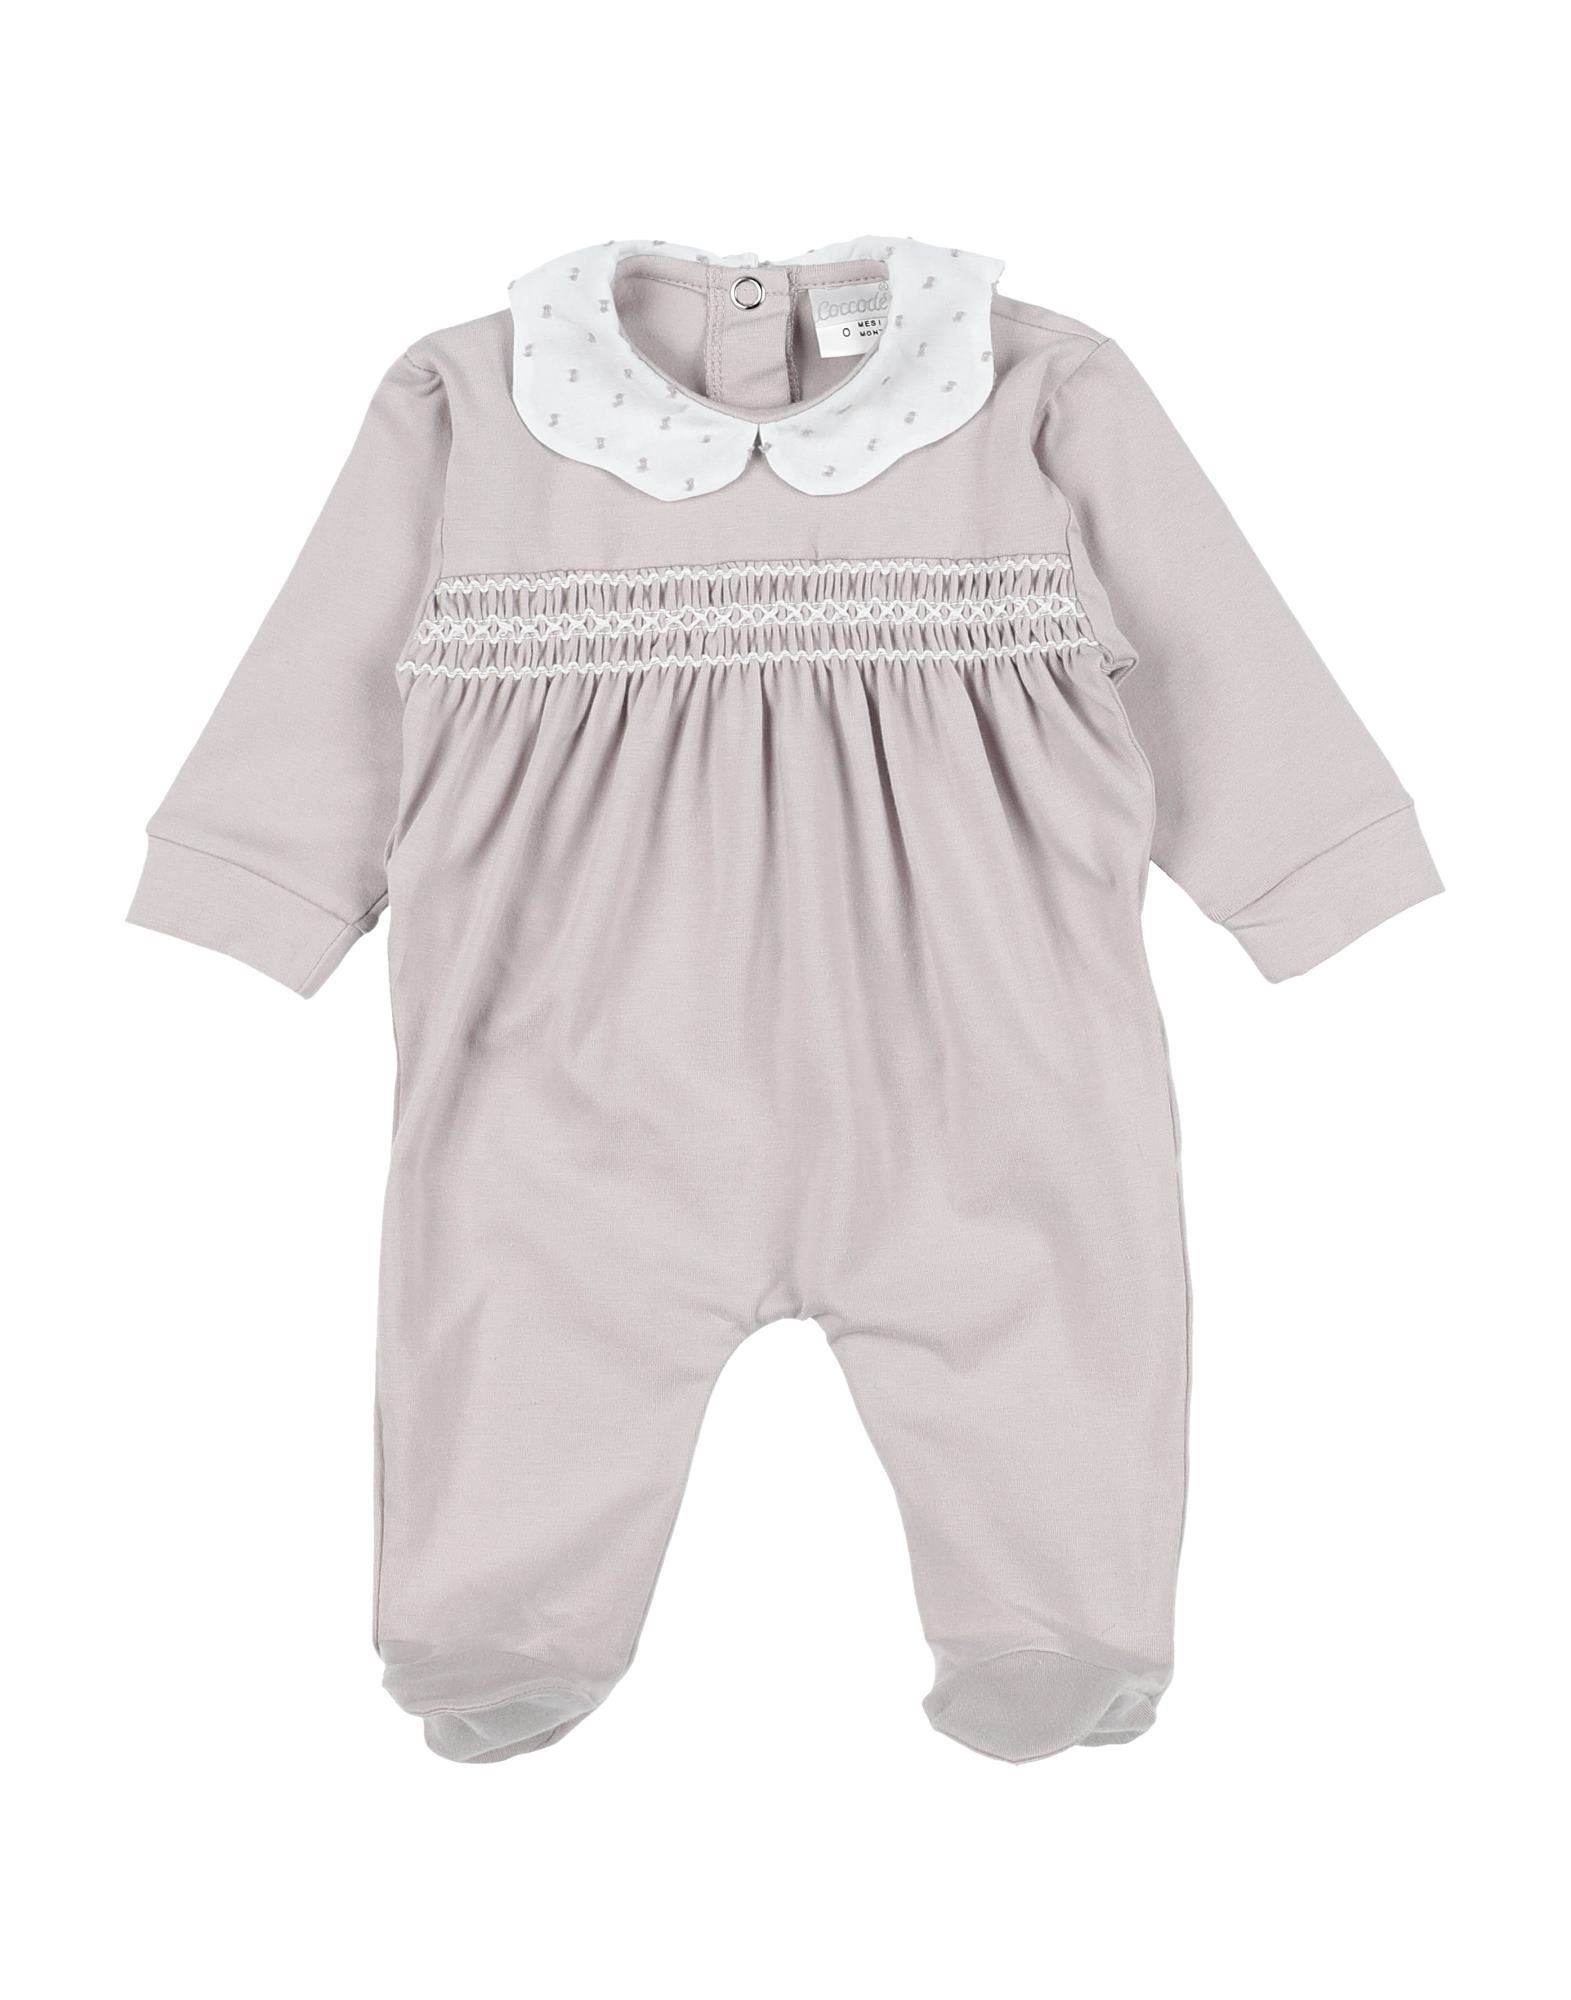 YOOX.COM(ユークス)《セール開催中》COCCOD? ガールズ 0-24 ヶ月 乳幼児用ロンパース ライトブラウン 0 コットン 95% / ポリウレタン 5%